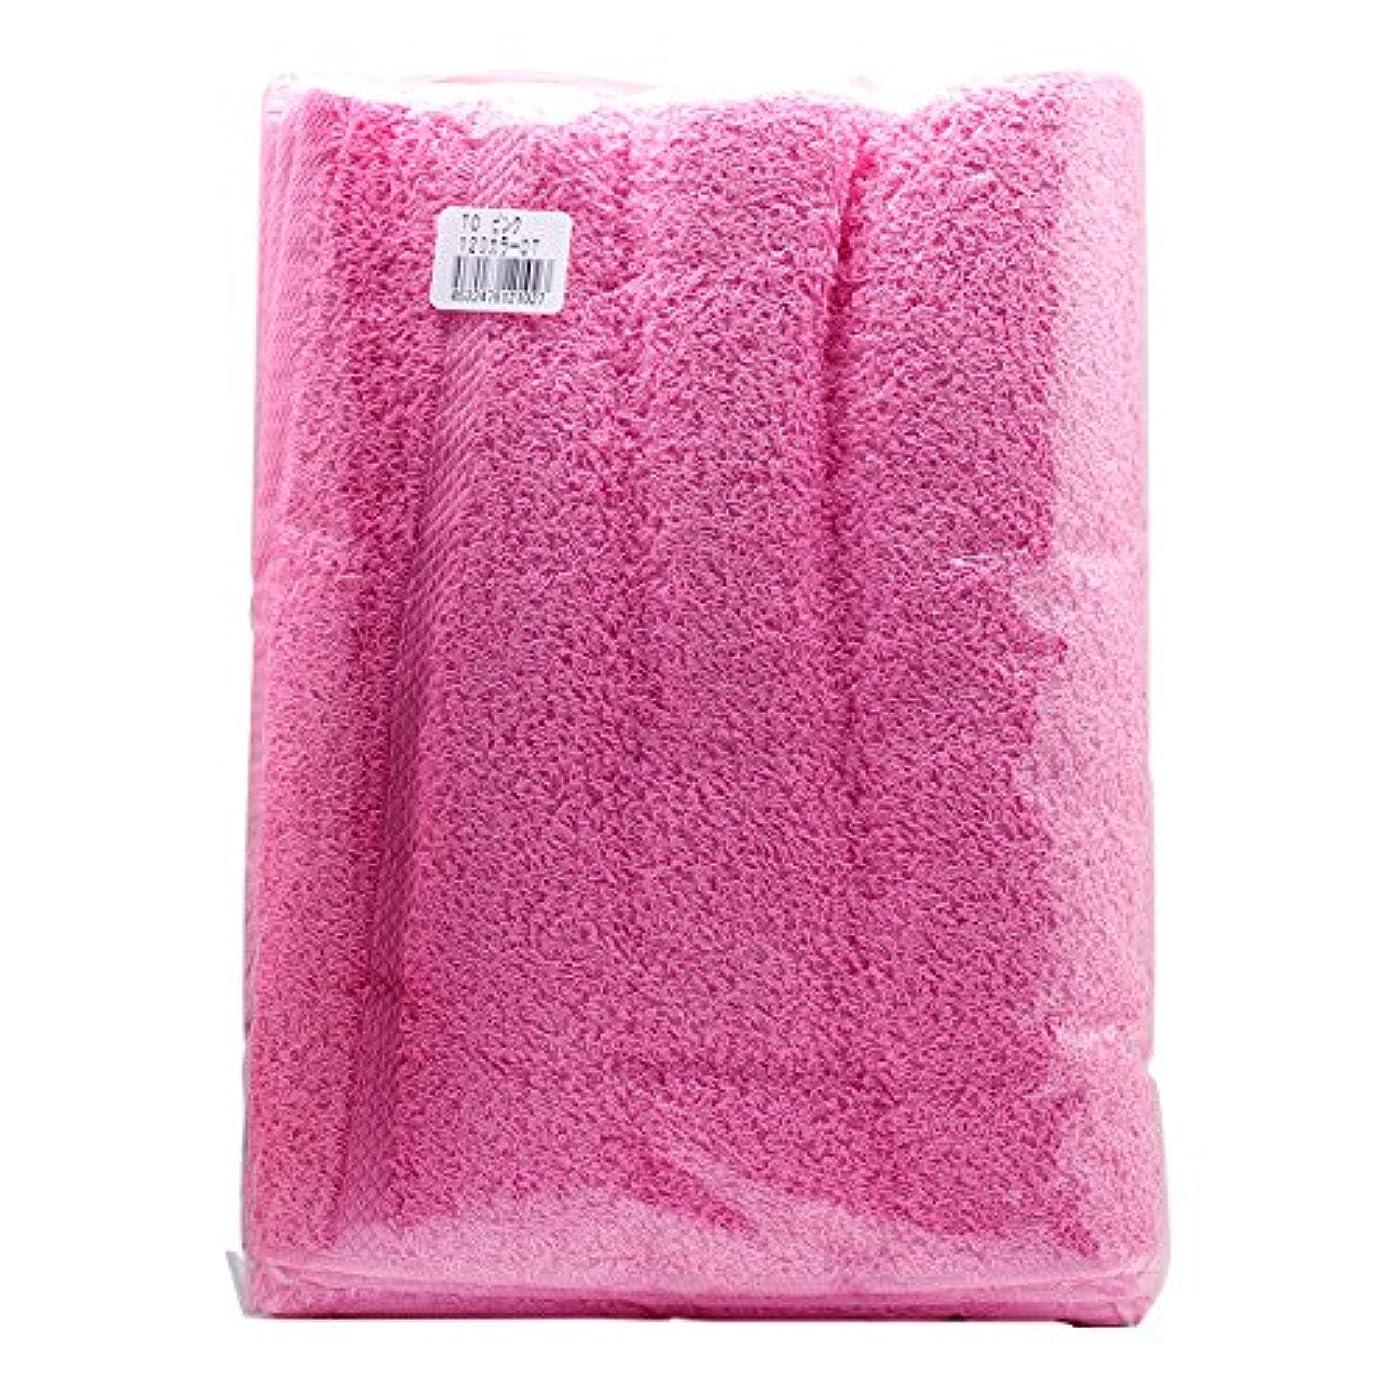 補償学期余計なTO カラーおしぼり 120匁 (12枚入) ピンク